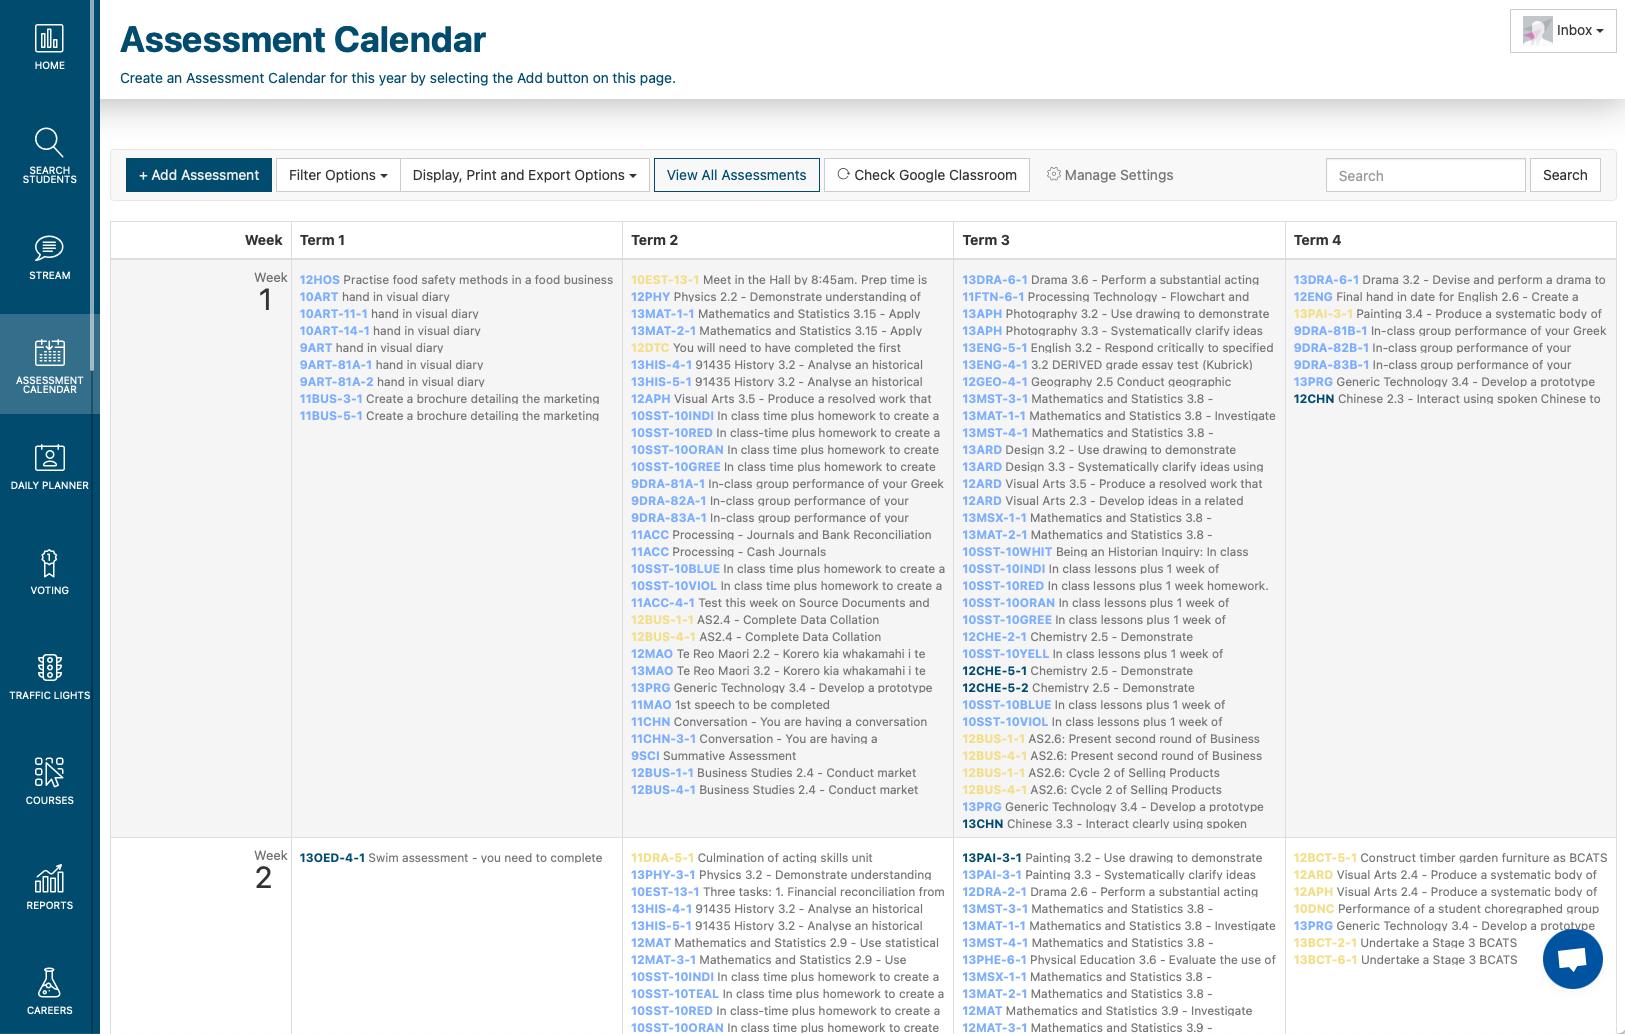 Sp Assessment Calendar Admin Screen